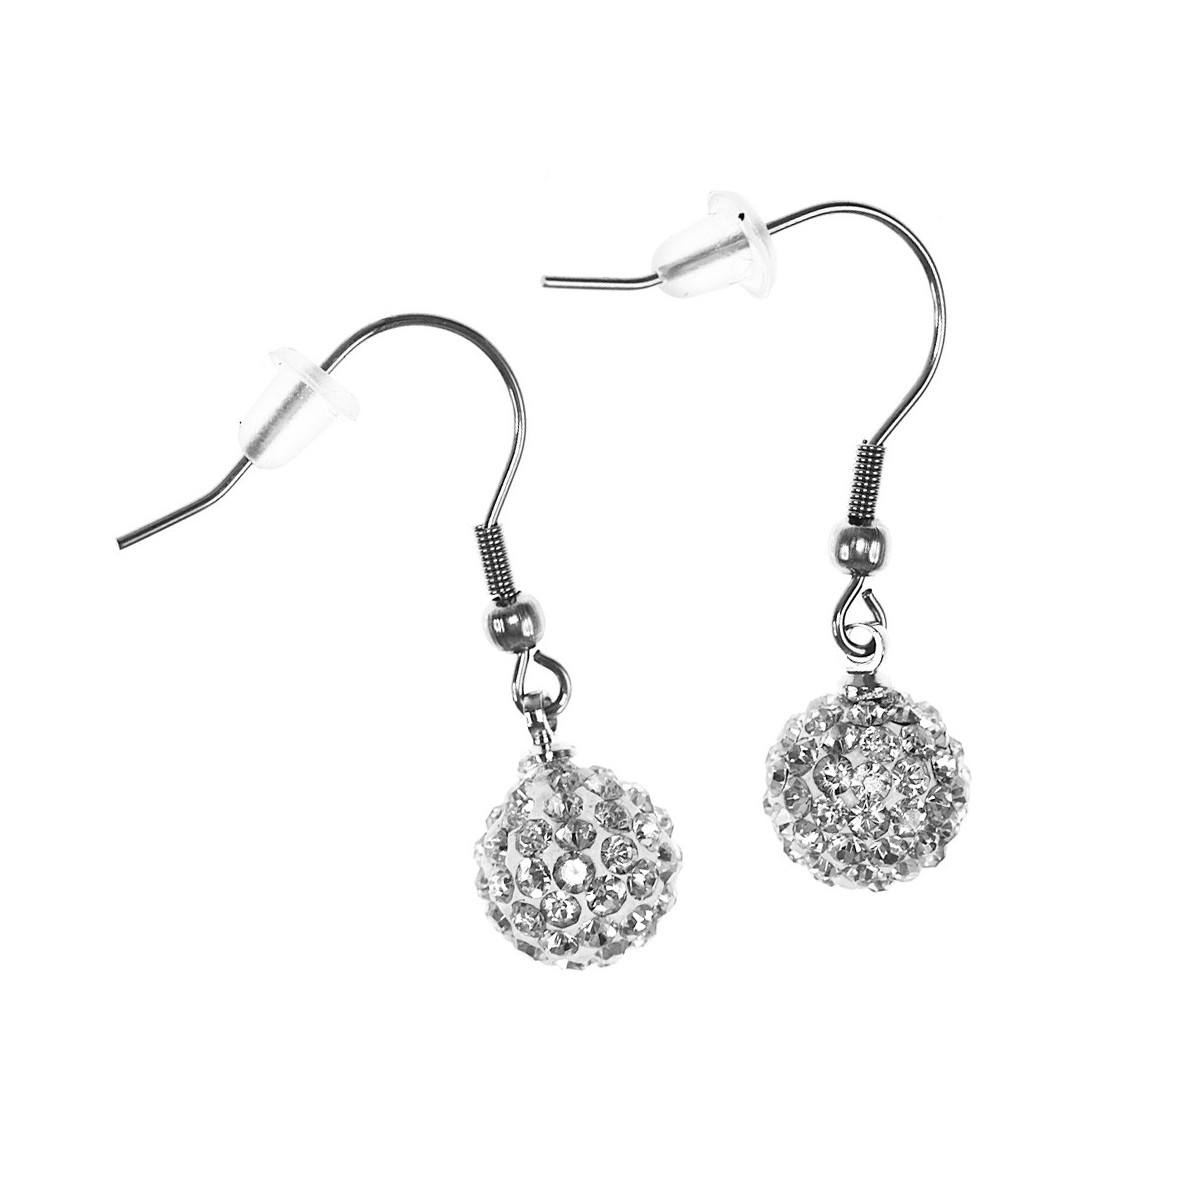 Boucles d'oreilles femme en cristal de bohème blanc